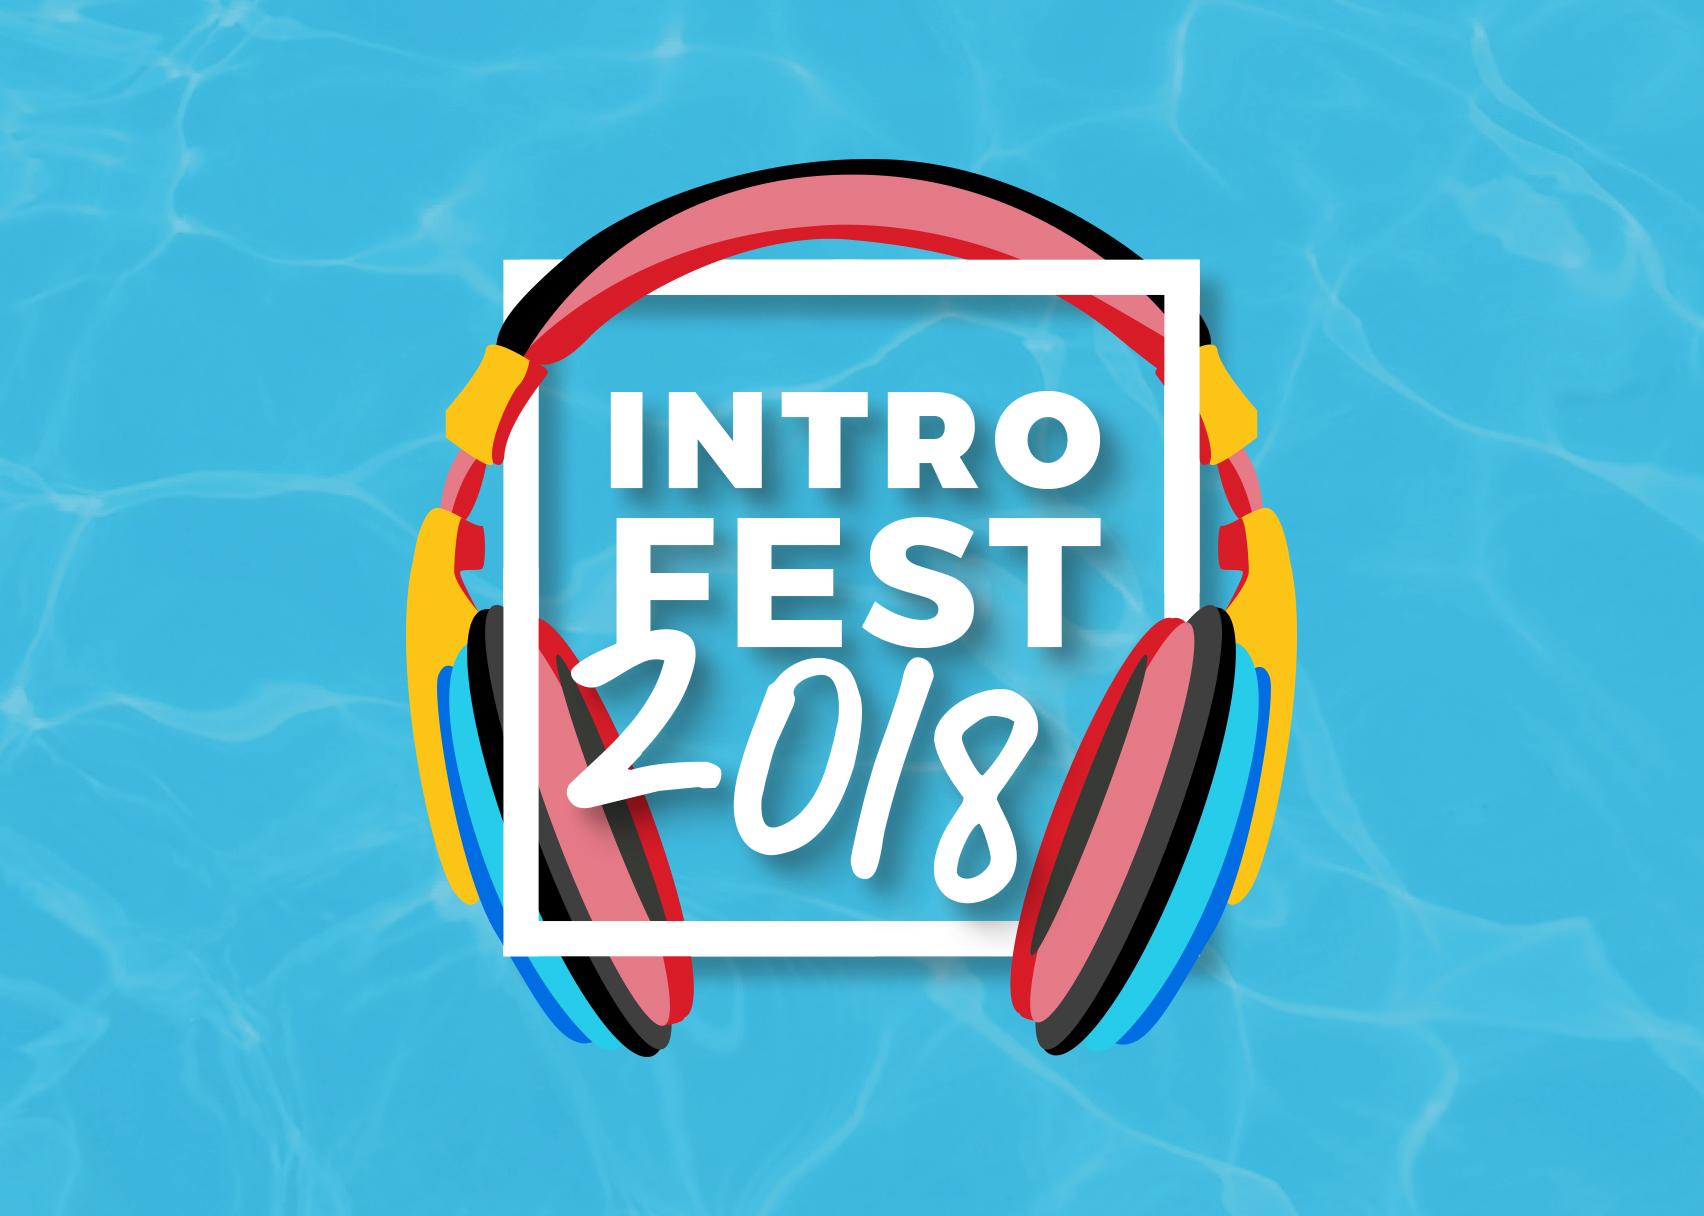 IntroFest 2018